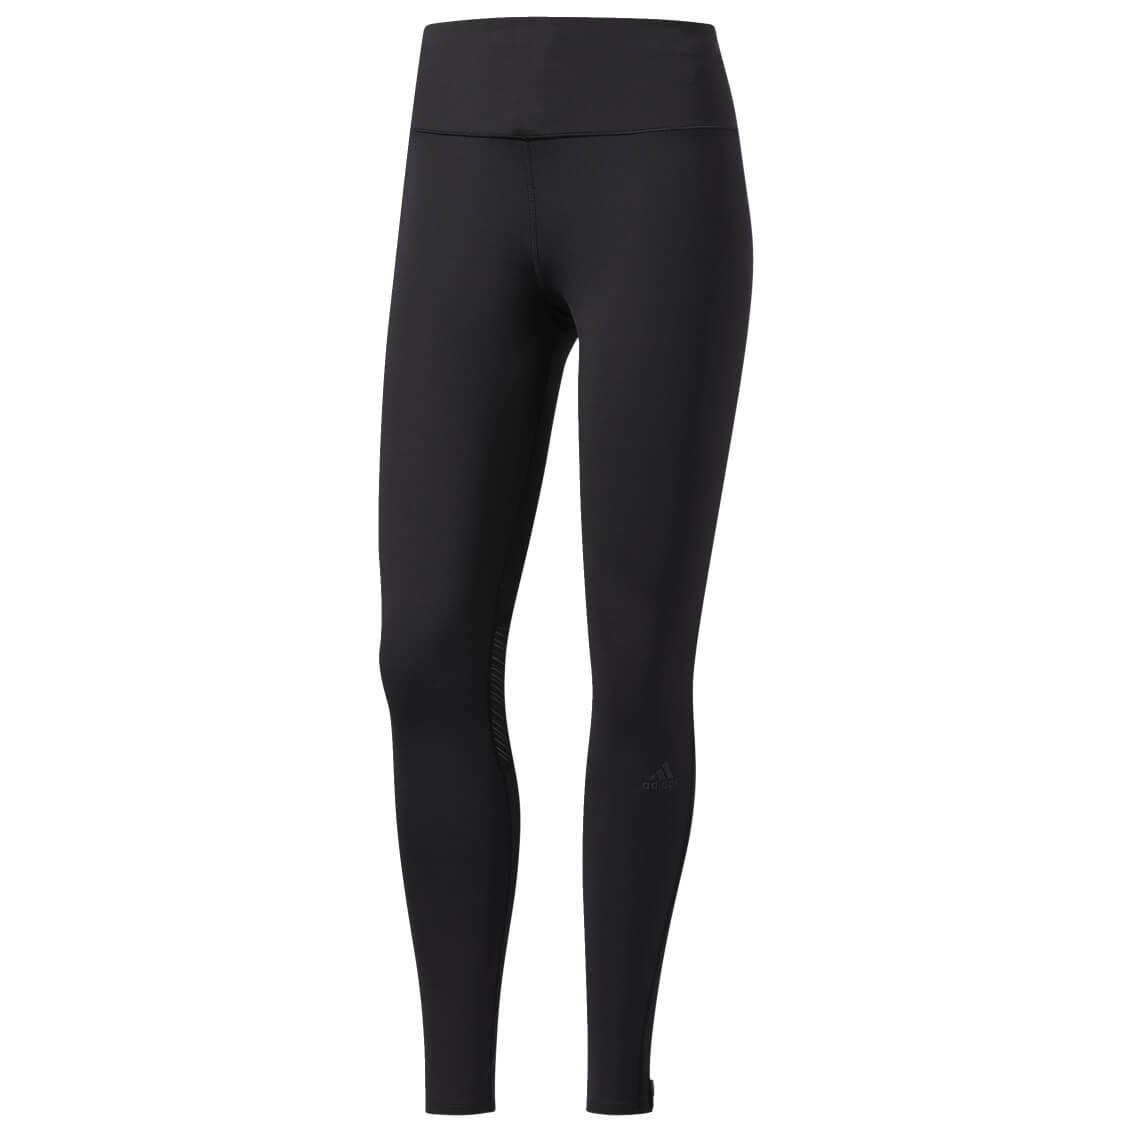 Adidas Supernova Long Tight Pantalon de running Femme